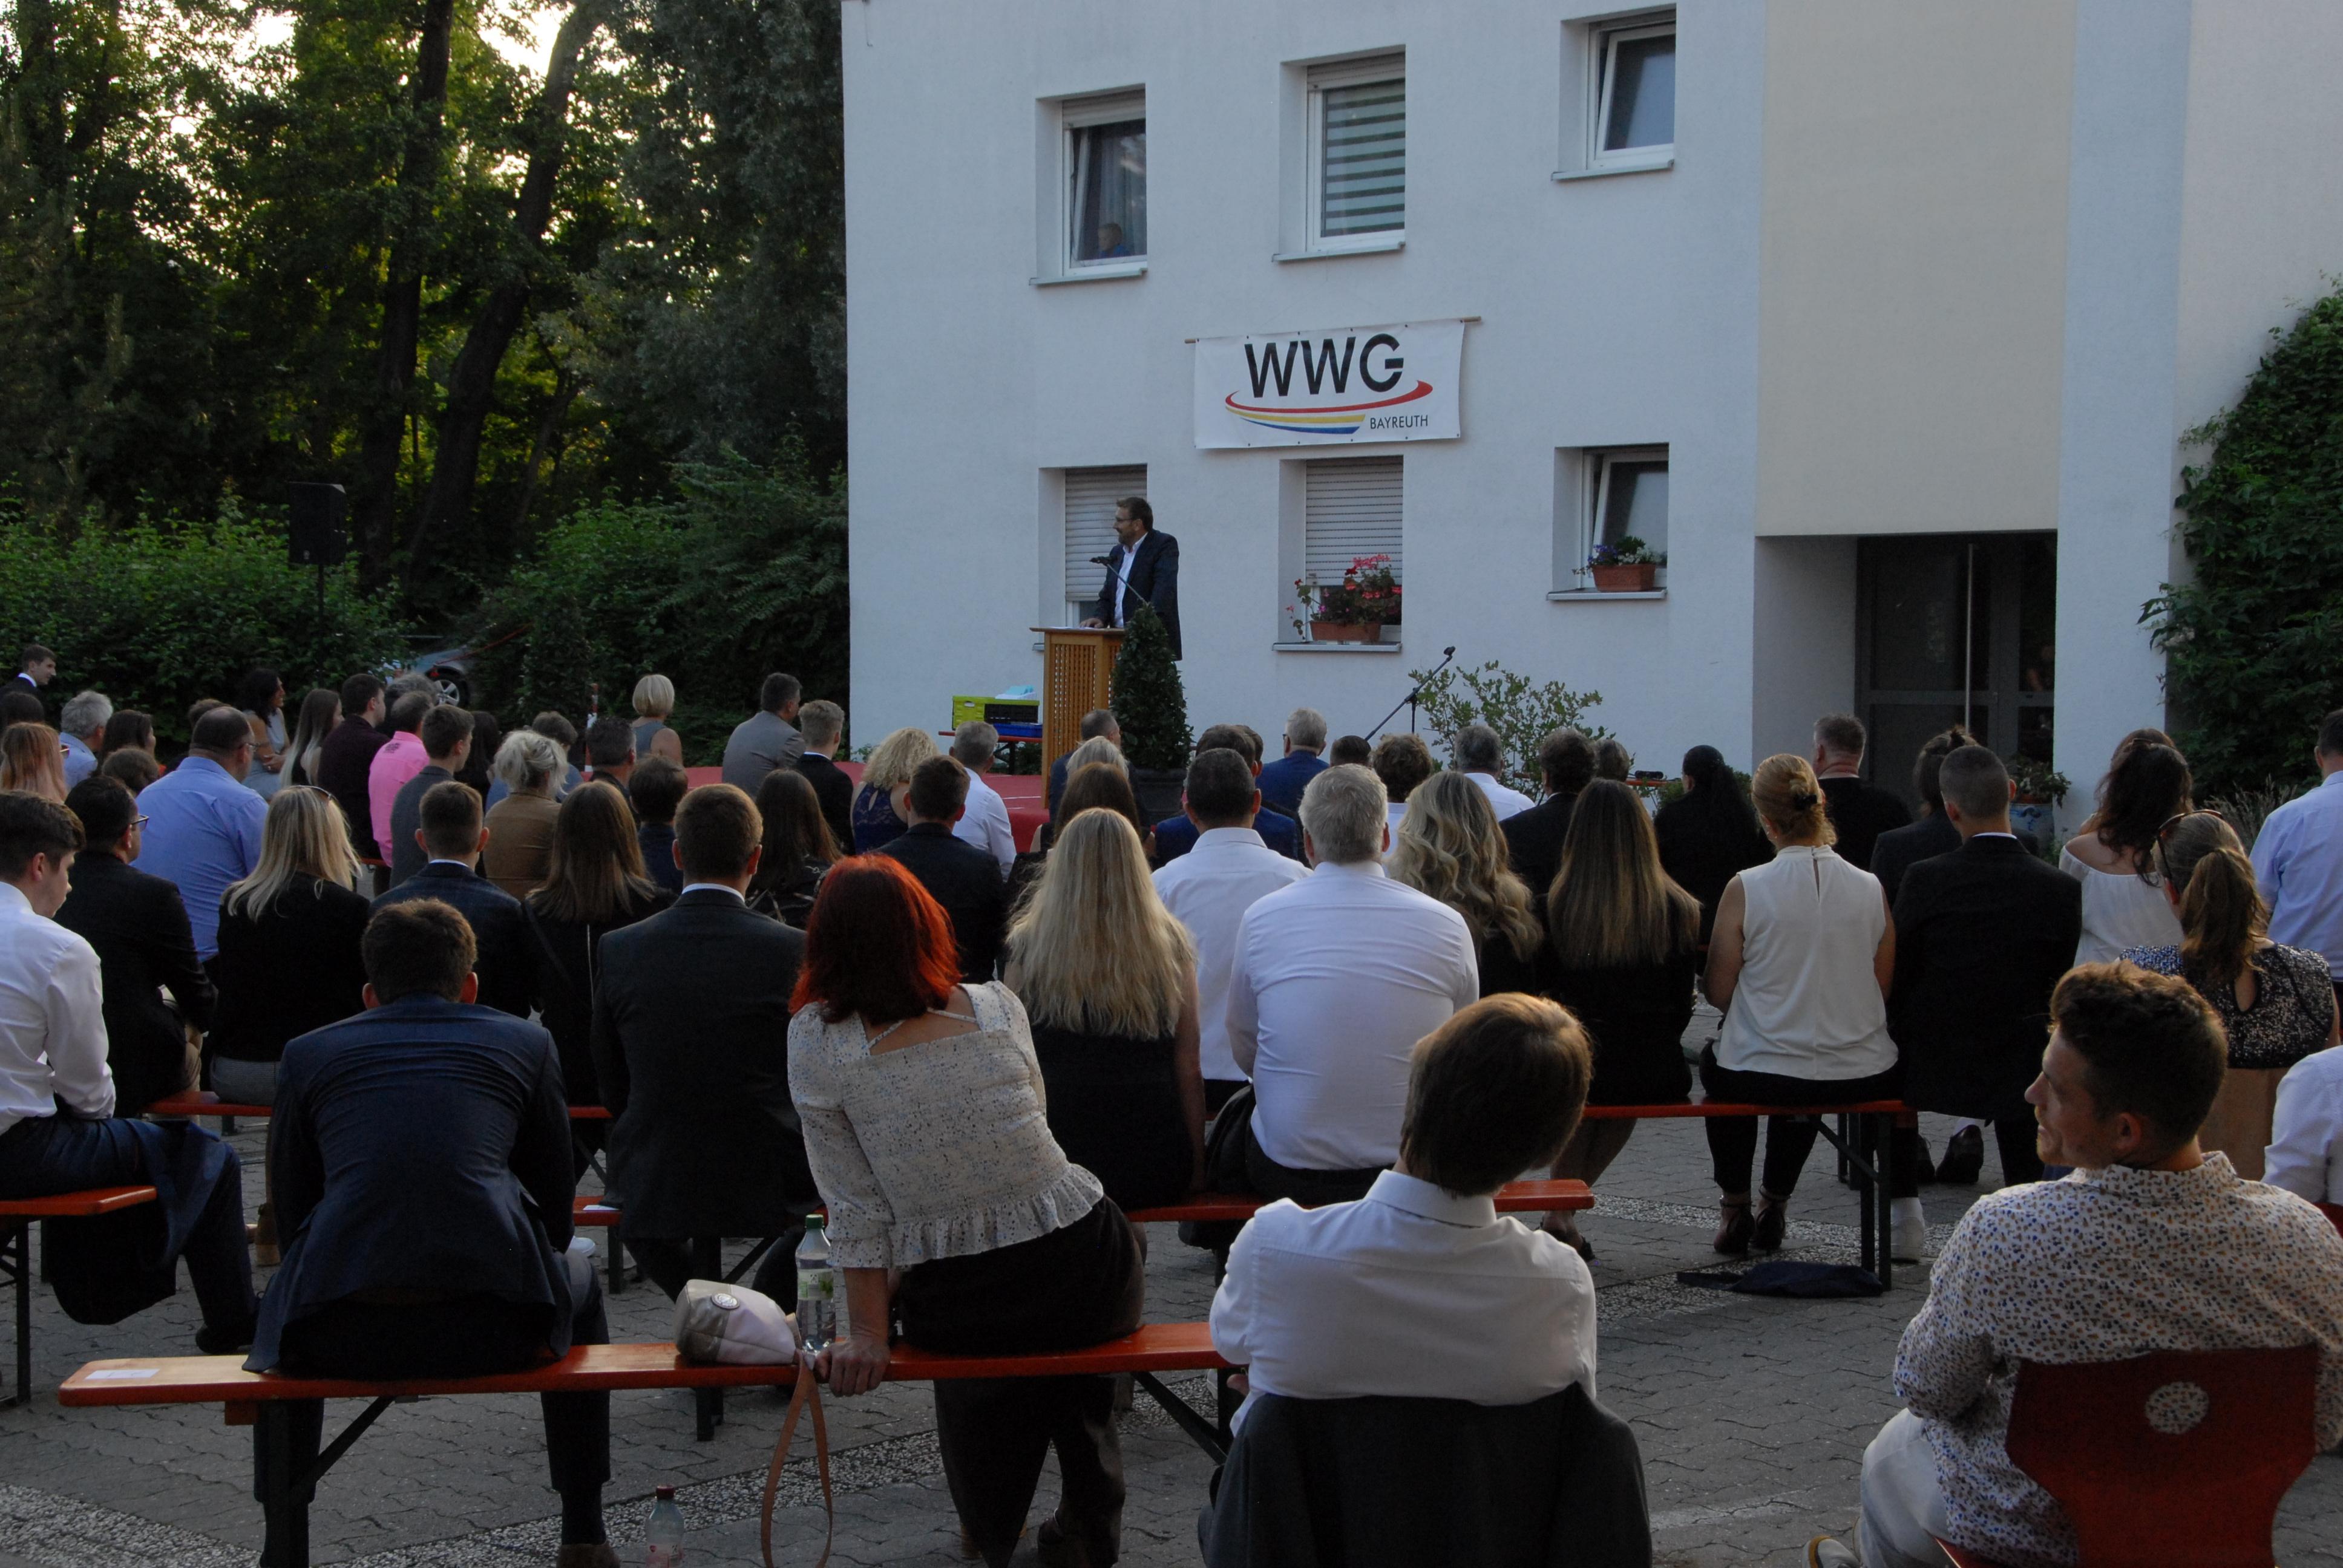 Blog - 202021 Abiturfeier Bild 4